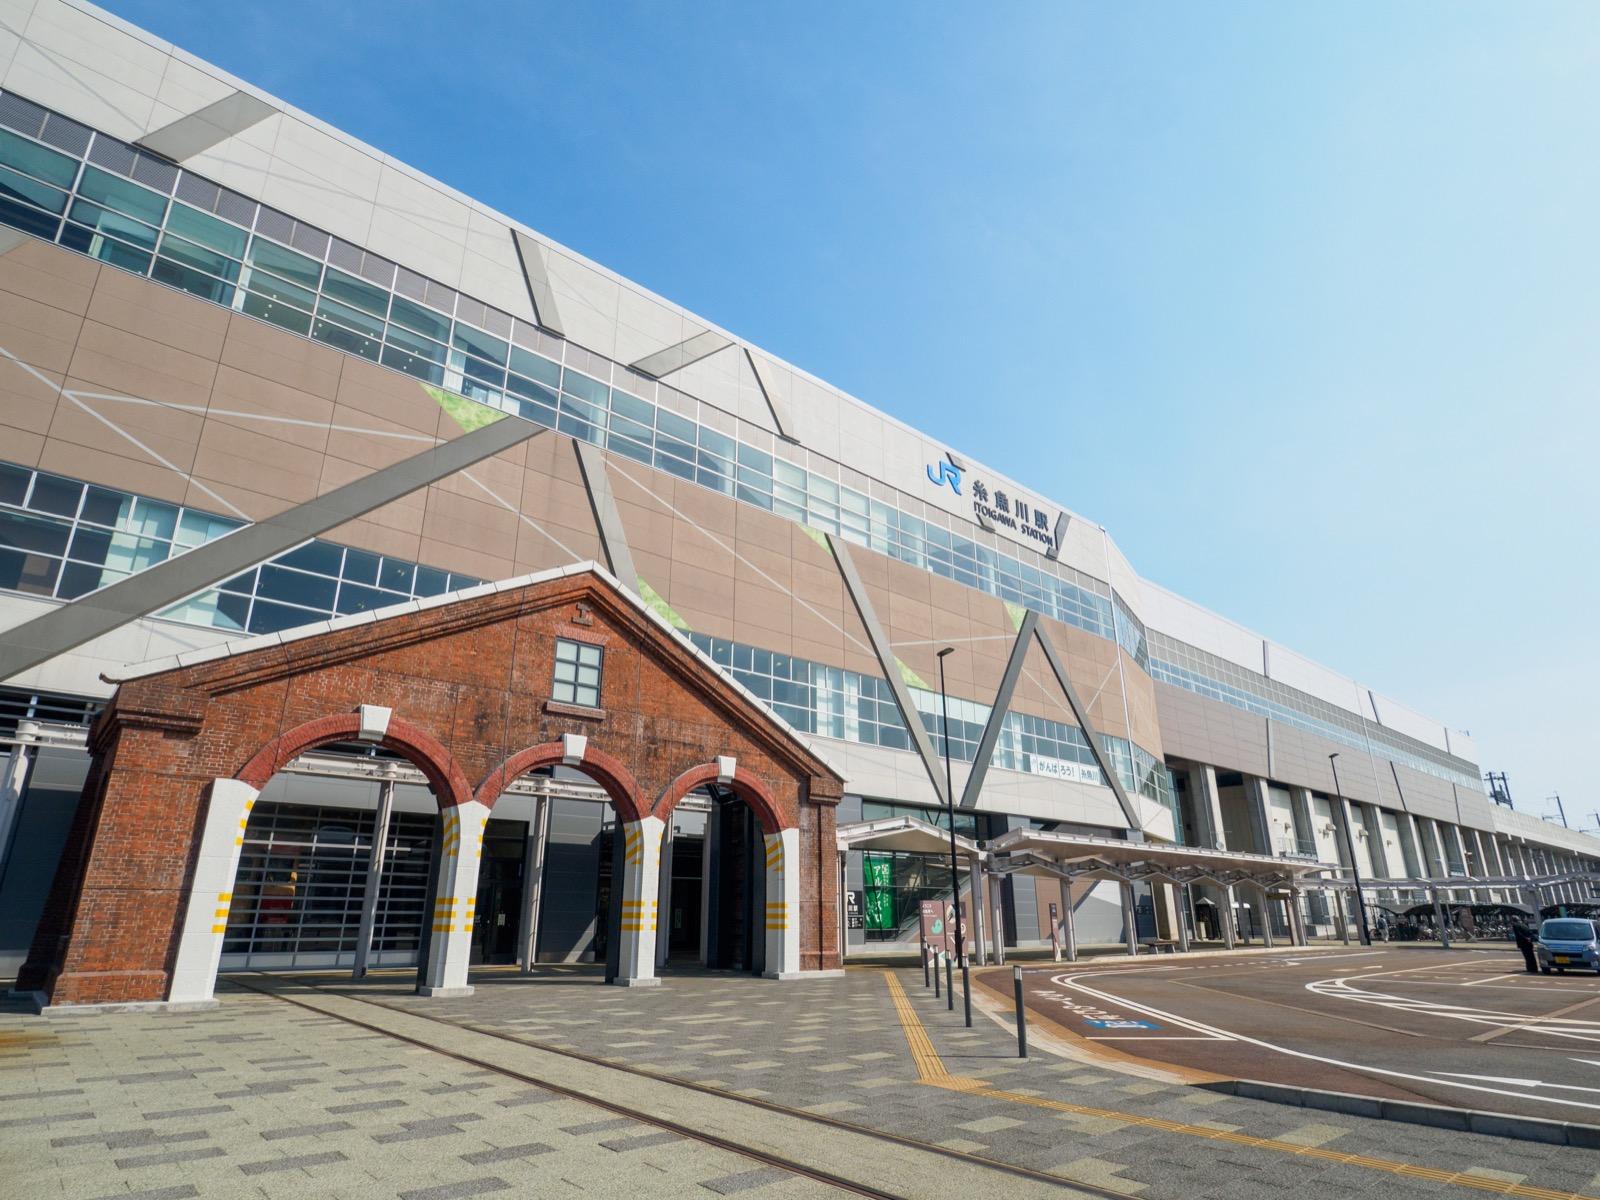 糸魚川駅アルプス口(南口)の駅舎(2017年4月)